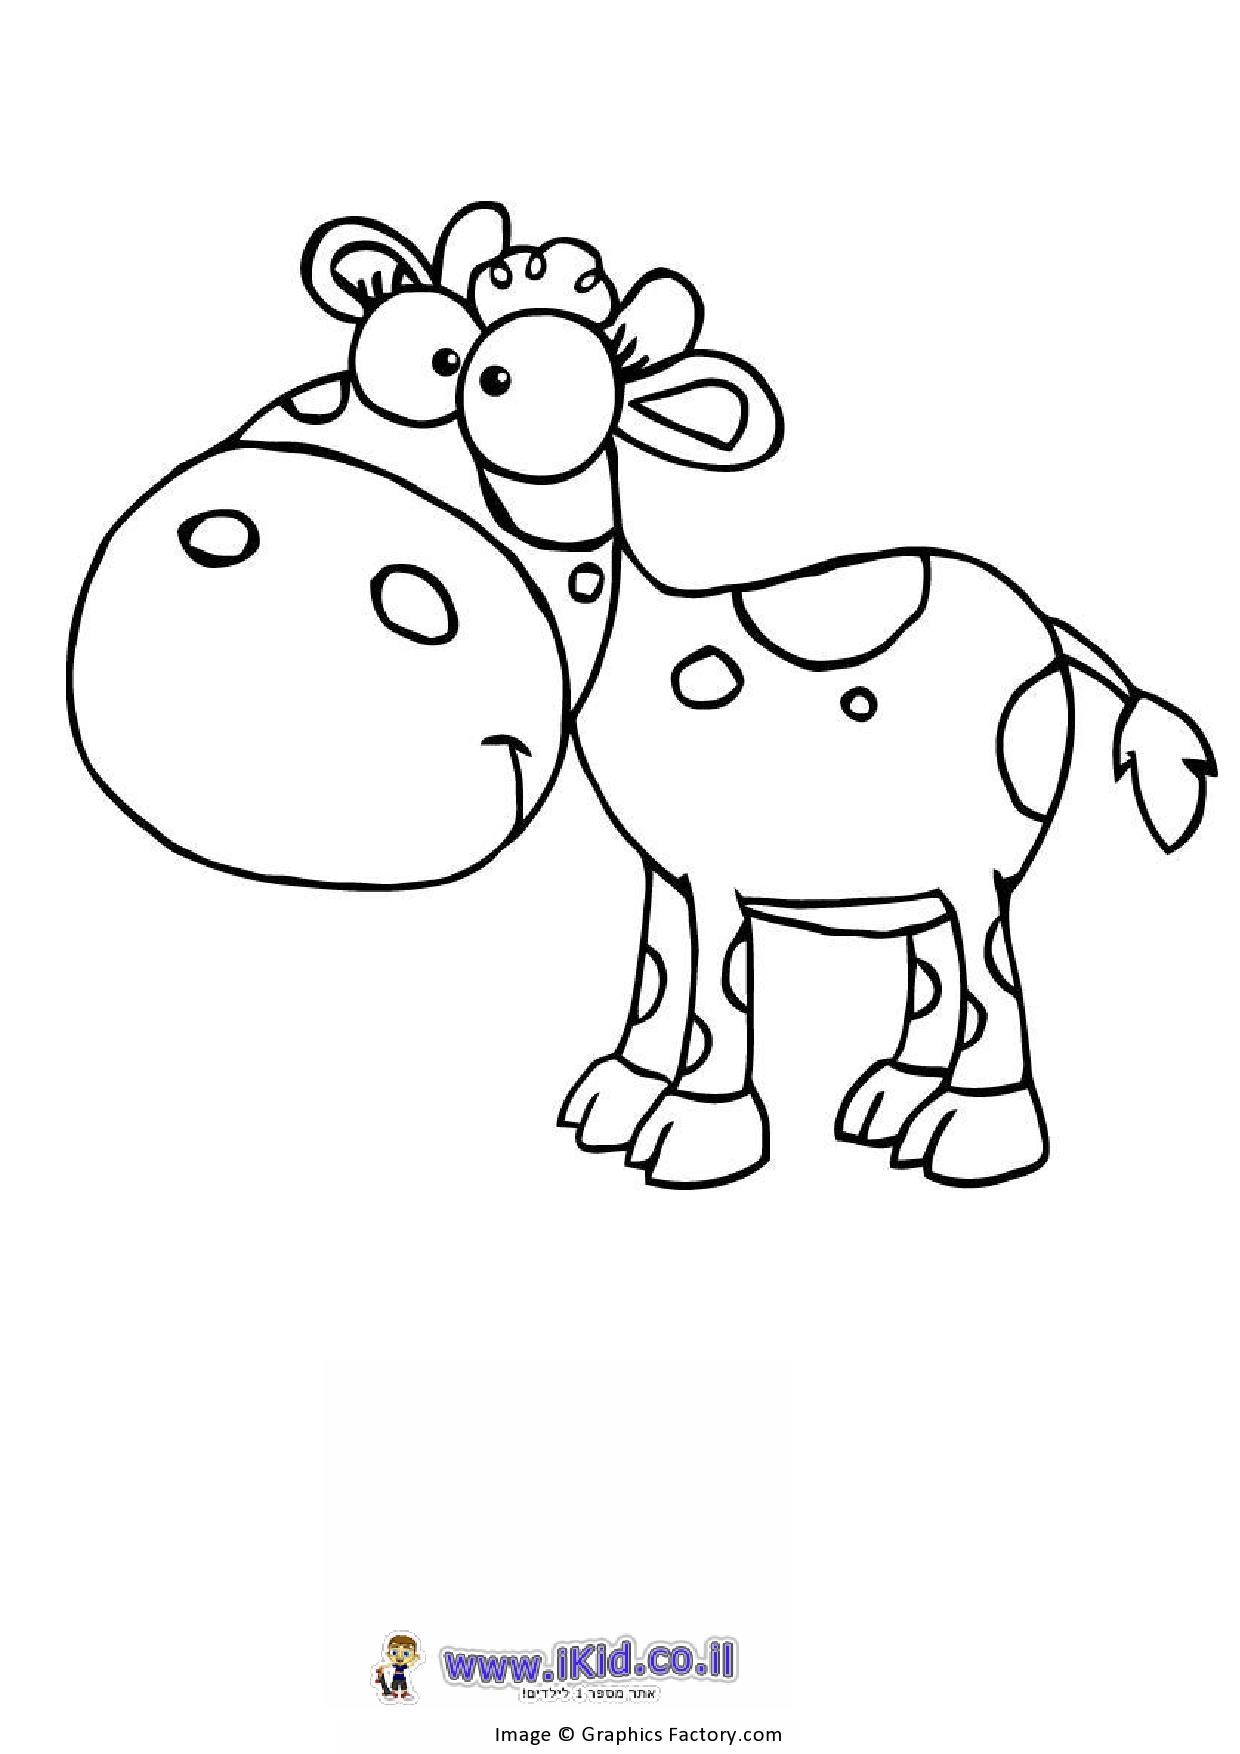 פרה קריקטורית